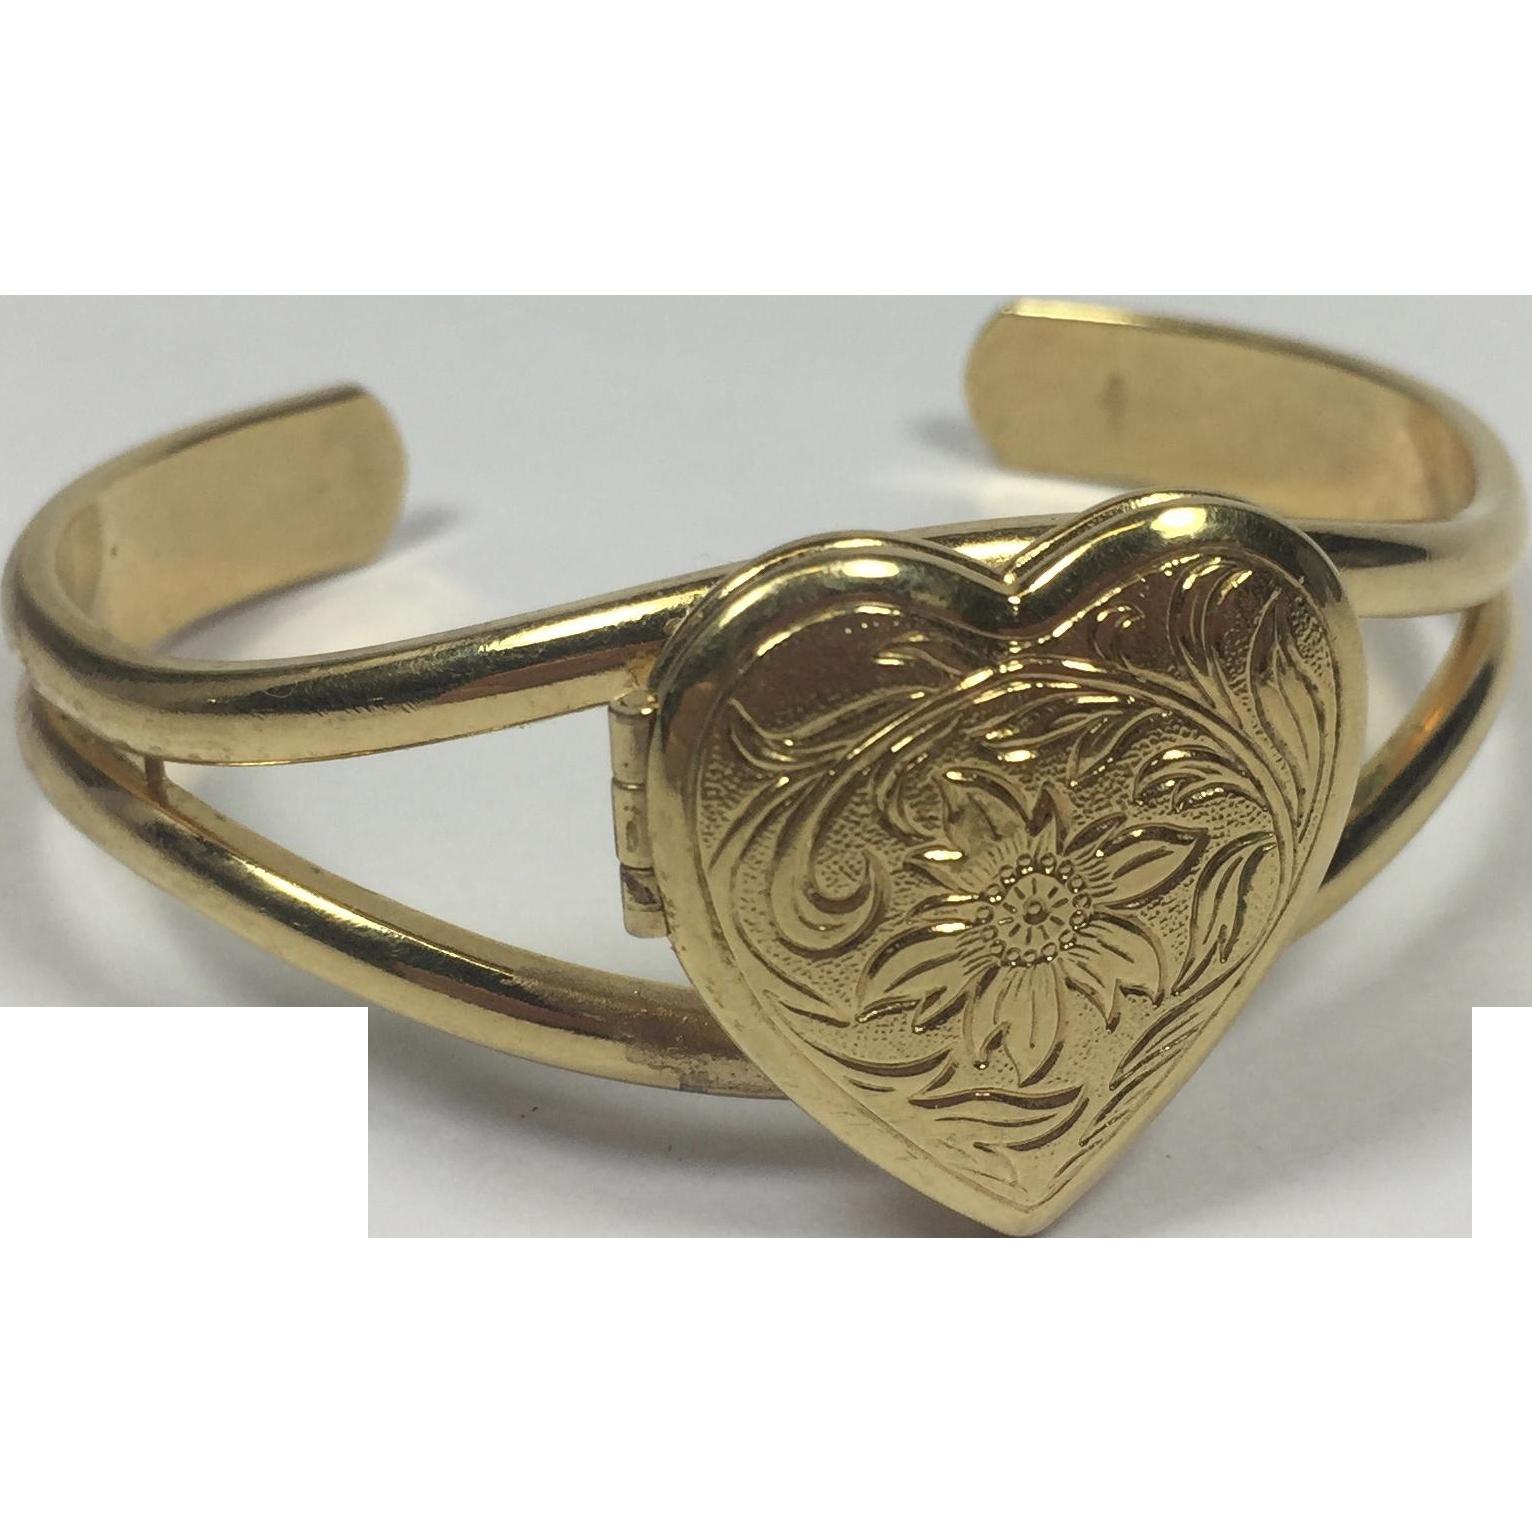 Vintage Victorian Style Valentine Heart Photo Locket Cuff Bracelet